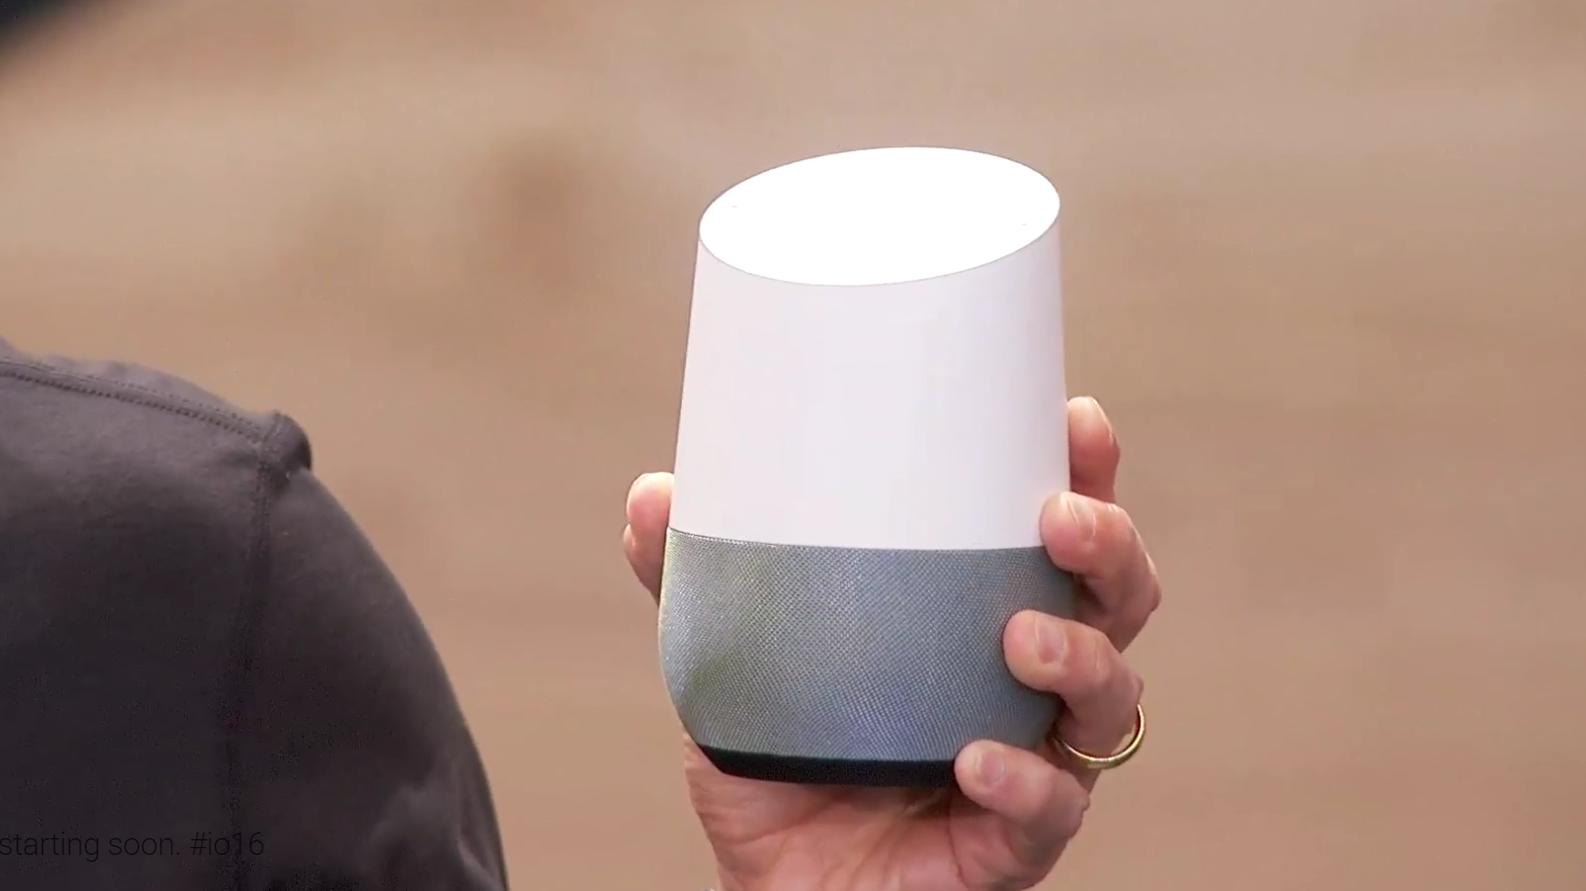 Med denne skal Google innta hjemmet i fysisk form